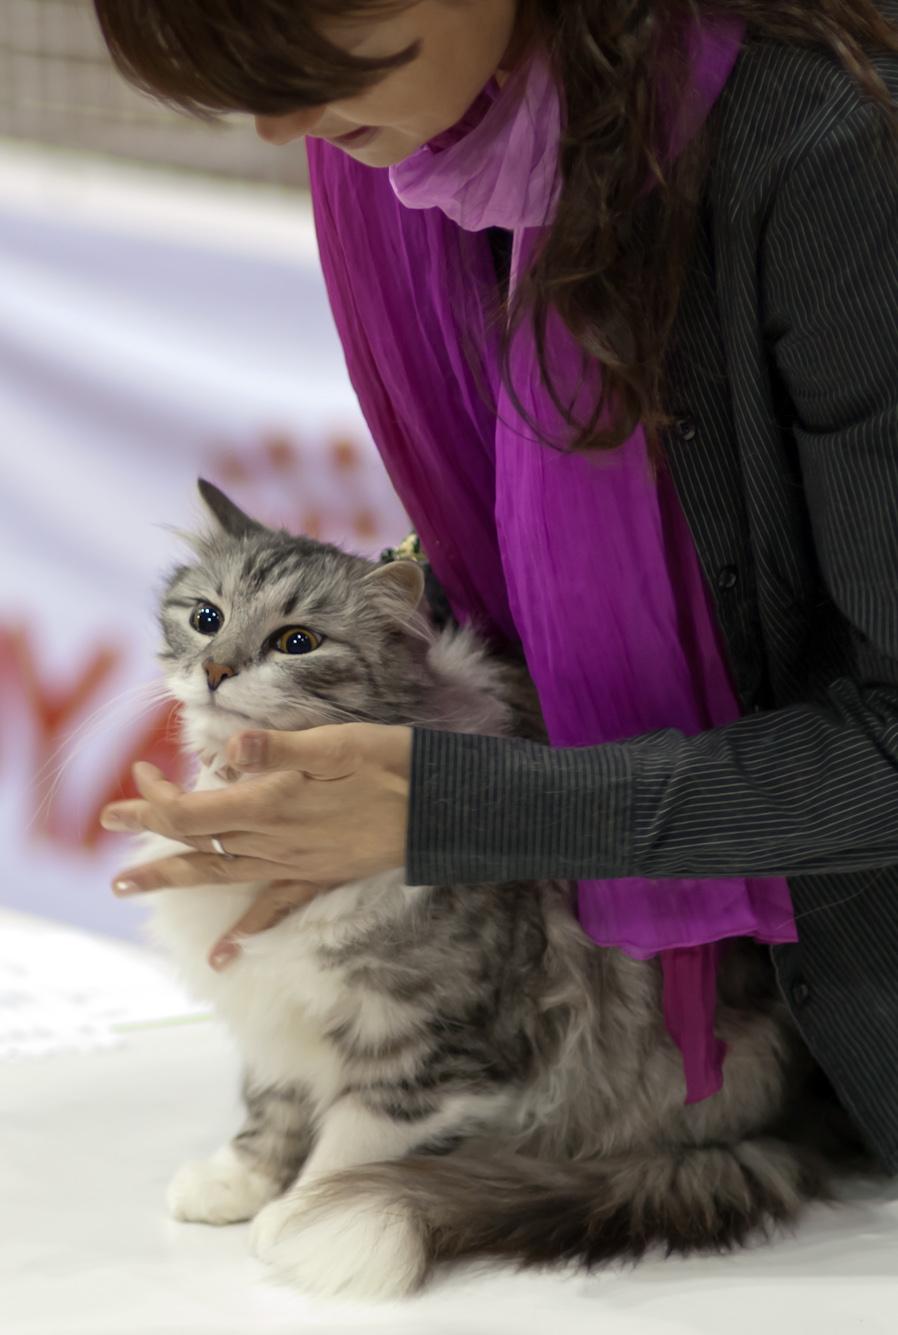 photo 173164, 2011-05-14